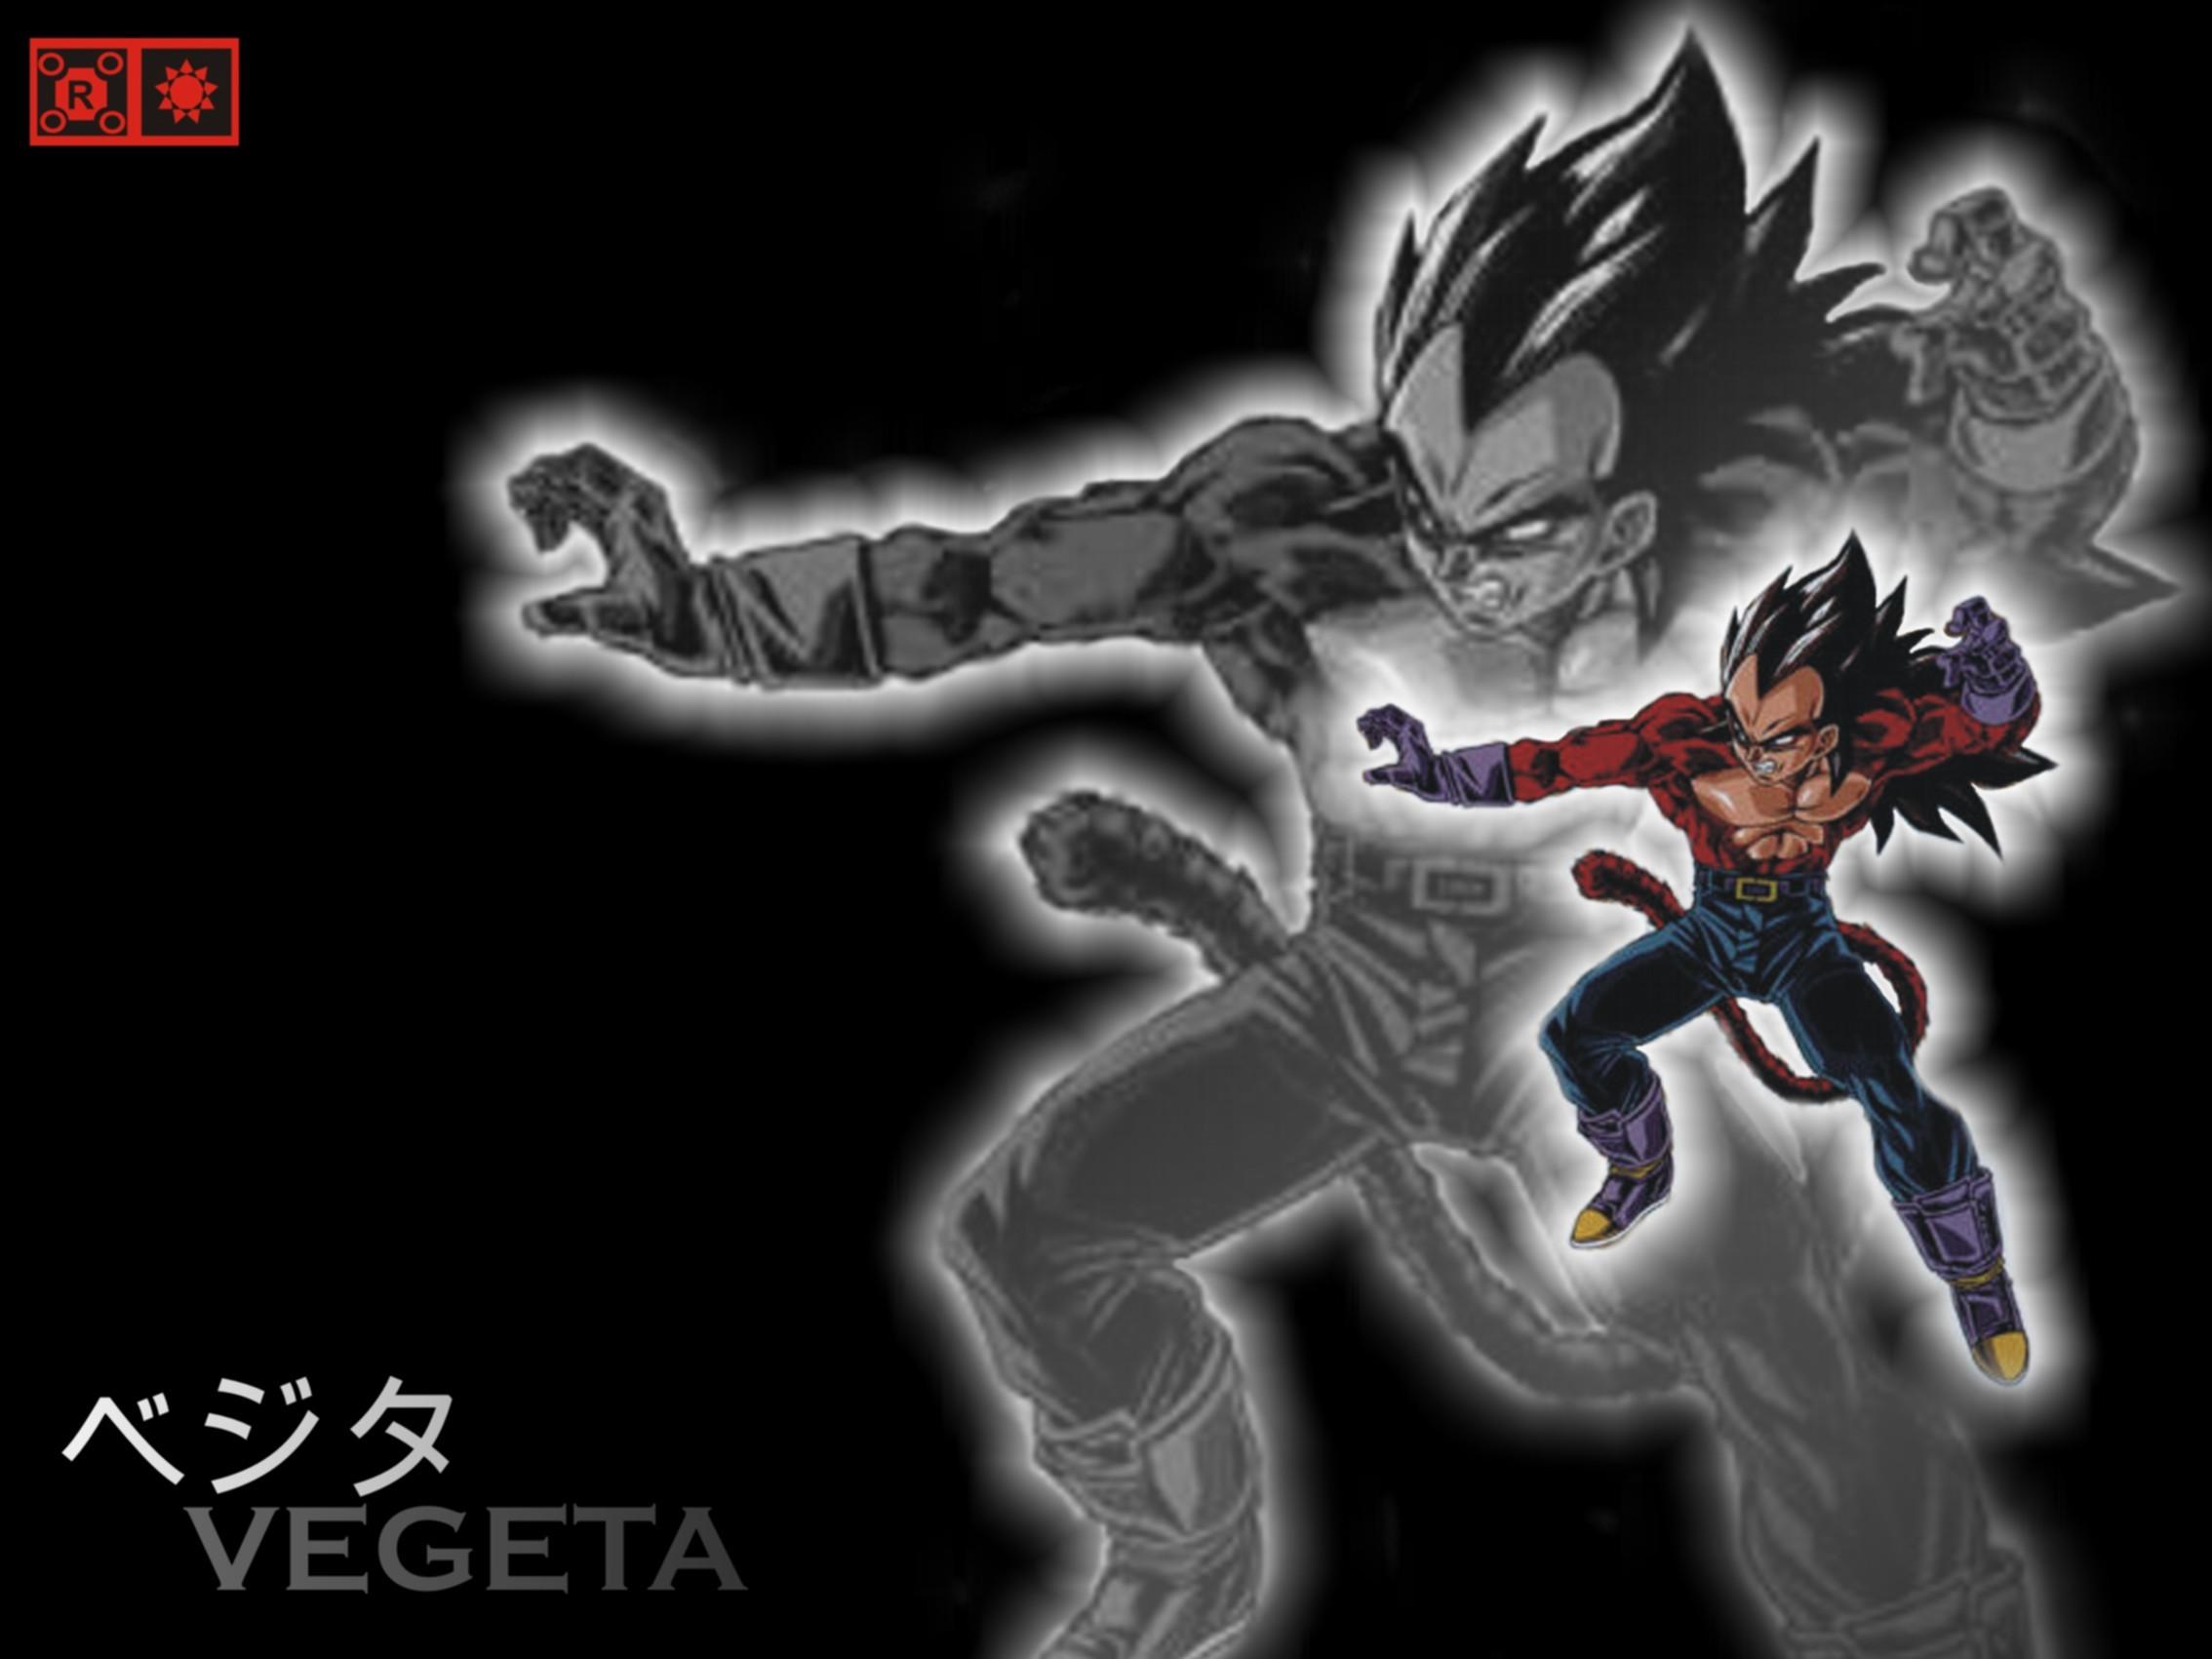 VEGETA TOYBLE BLACK by ricardoaf VEGETA TOYBLE BLACK by ricardoaf